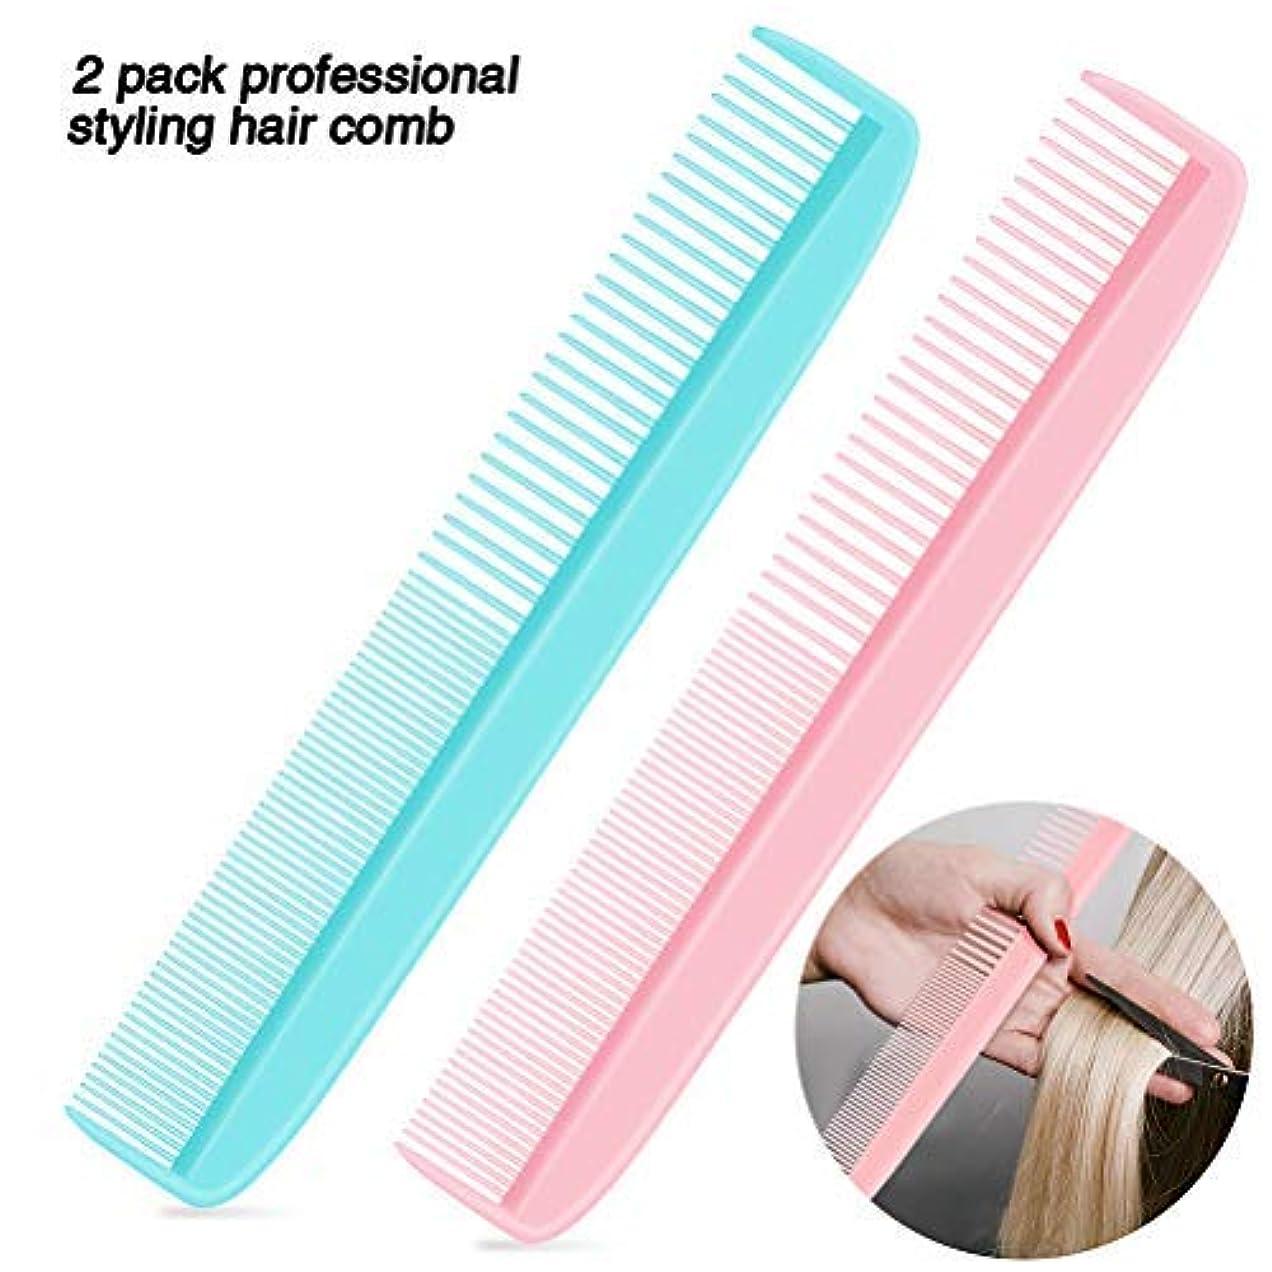 哲学博士雑草緯度2 Pack Anti-static Professional Styling Comb Hairdresser Barber Comb - 7 Inch Coarse/Fine Tooth Rake Comb [並行輸入品]